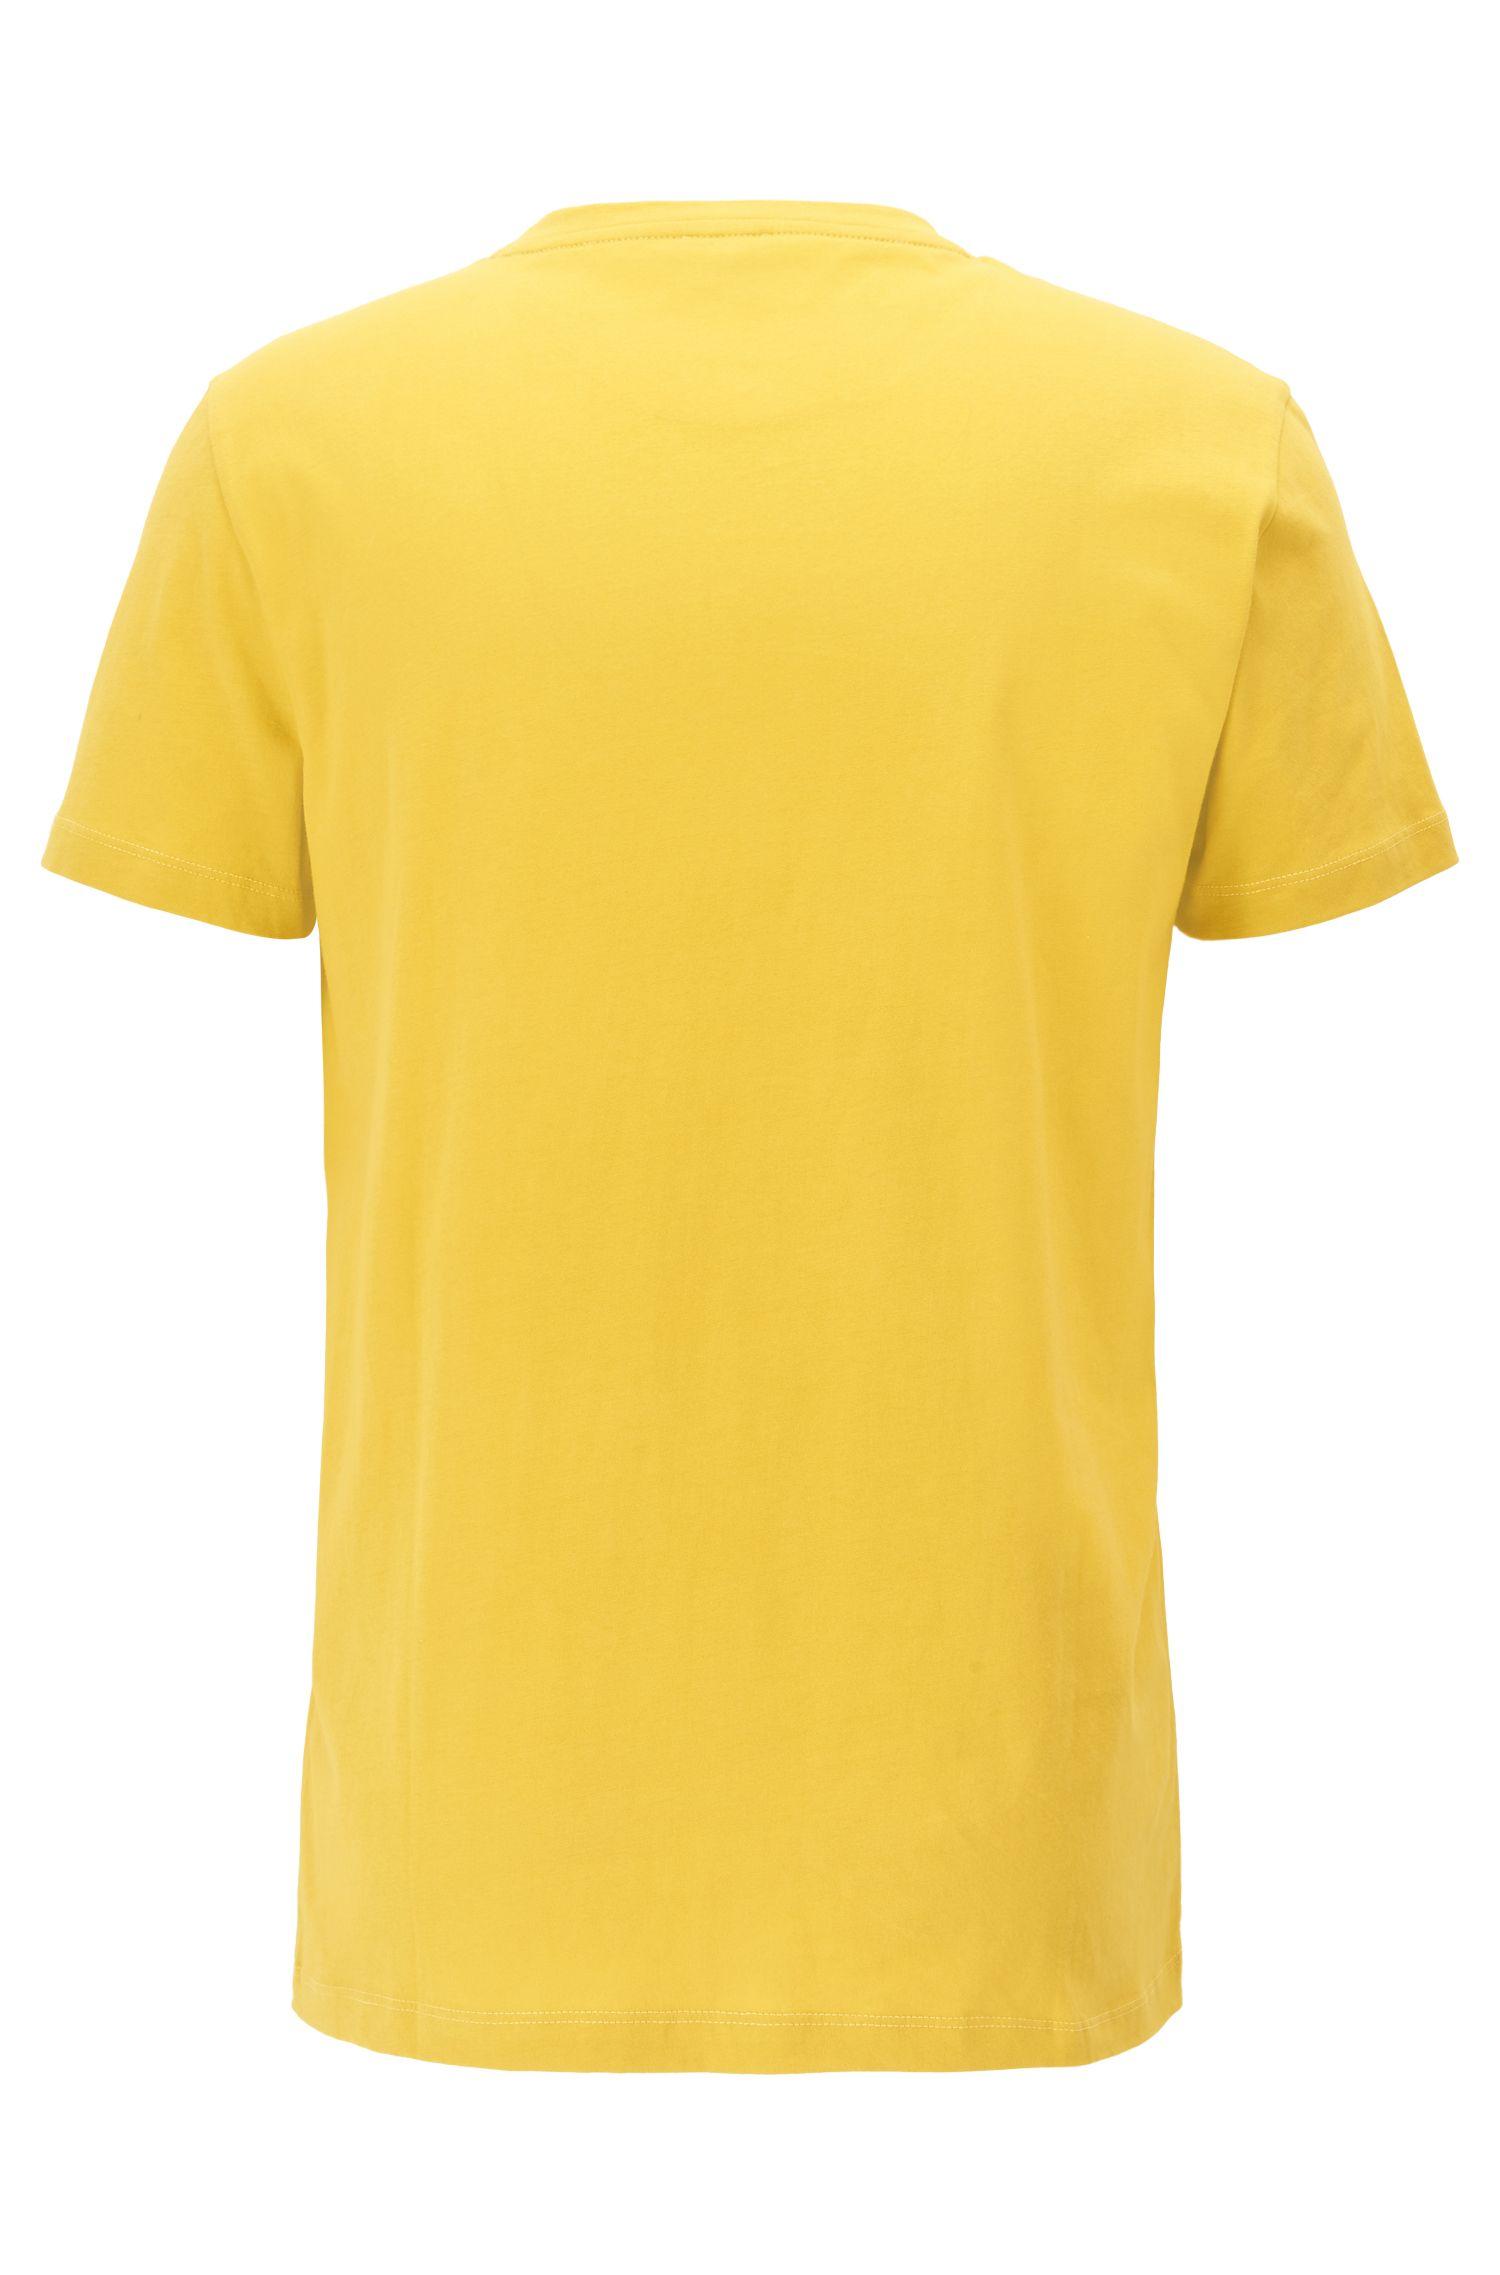 T-shirt Relaxed Fit en coton avec logo